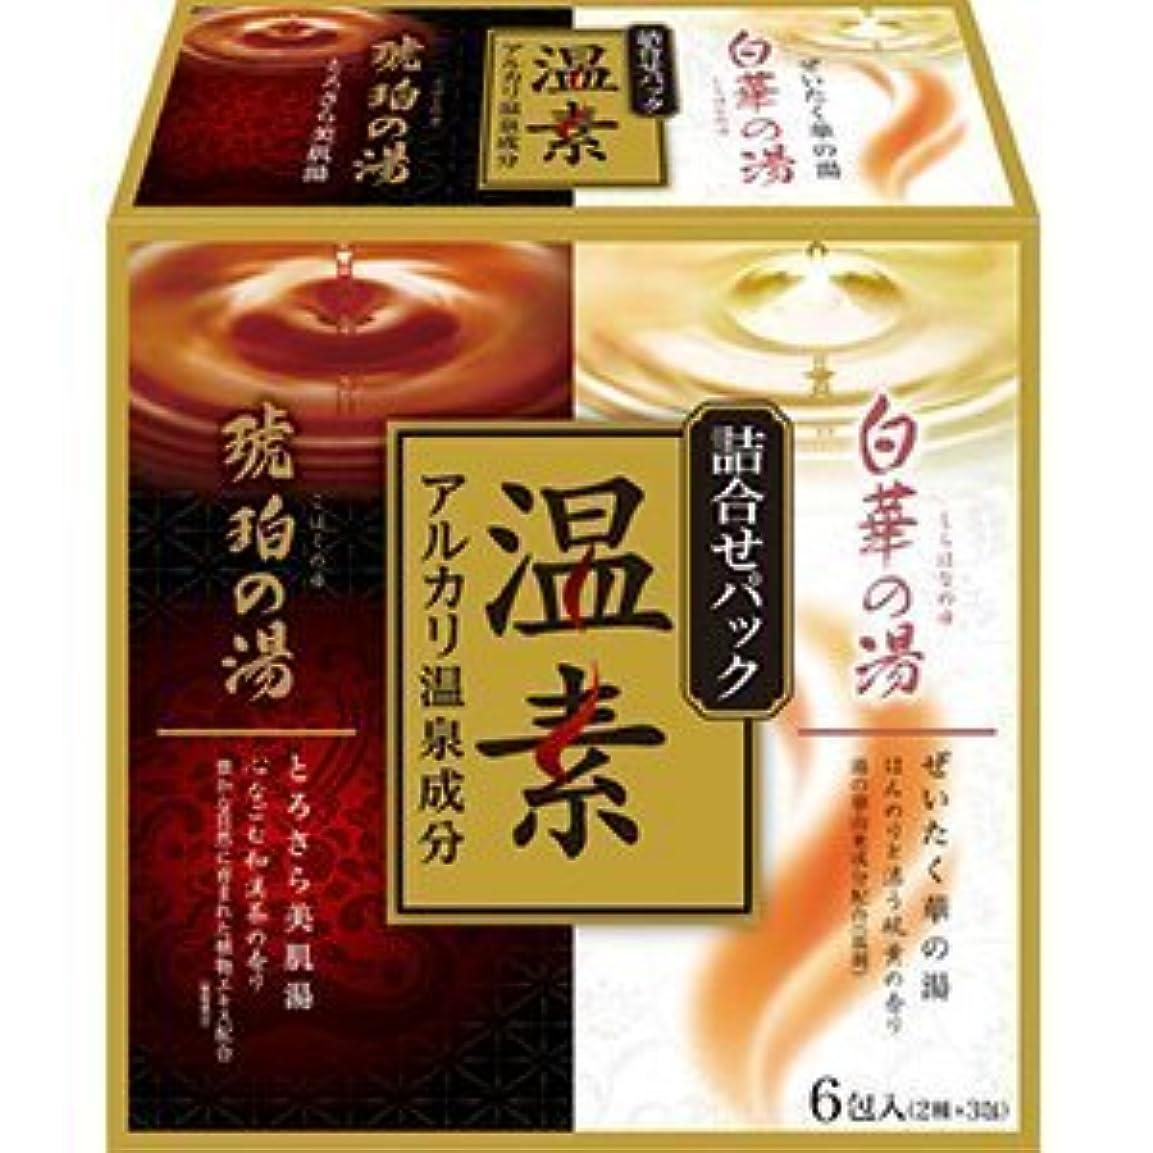 眼香水形温素 琥珀の湯&白華の湯 詰合せパック × 5個セット